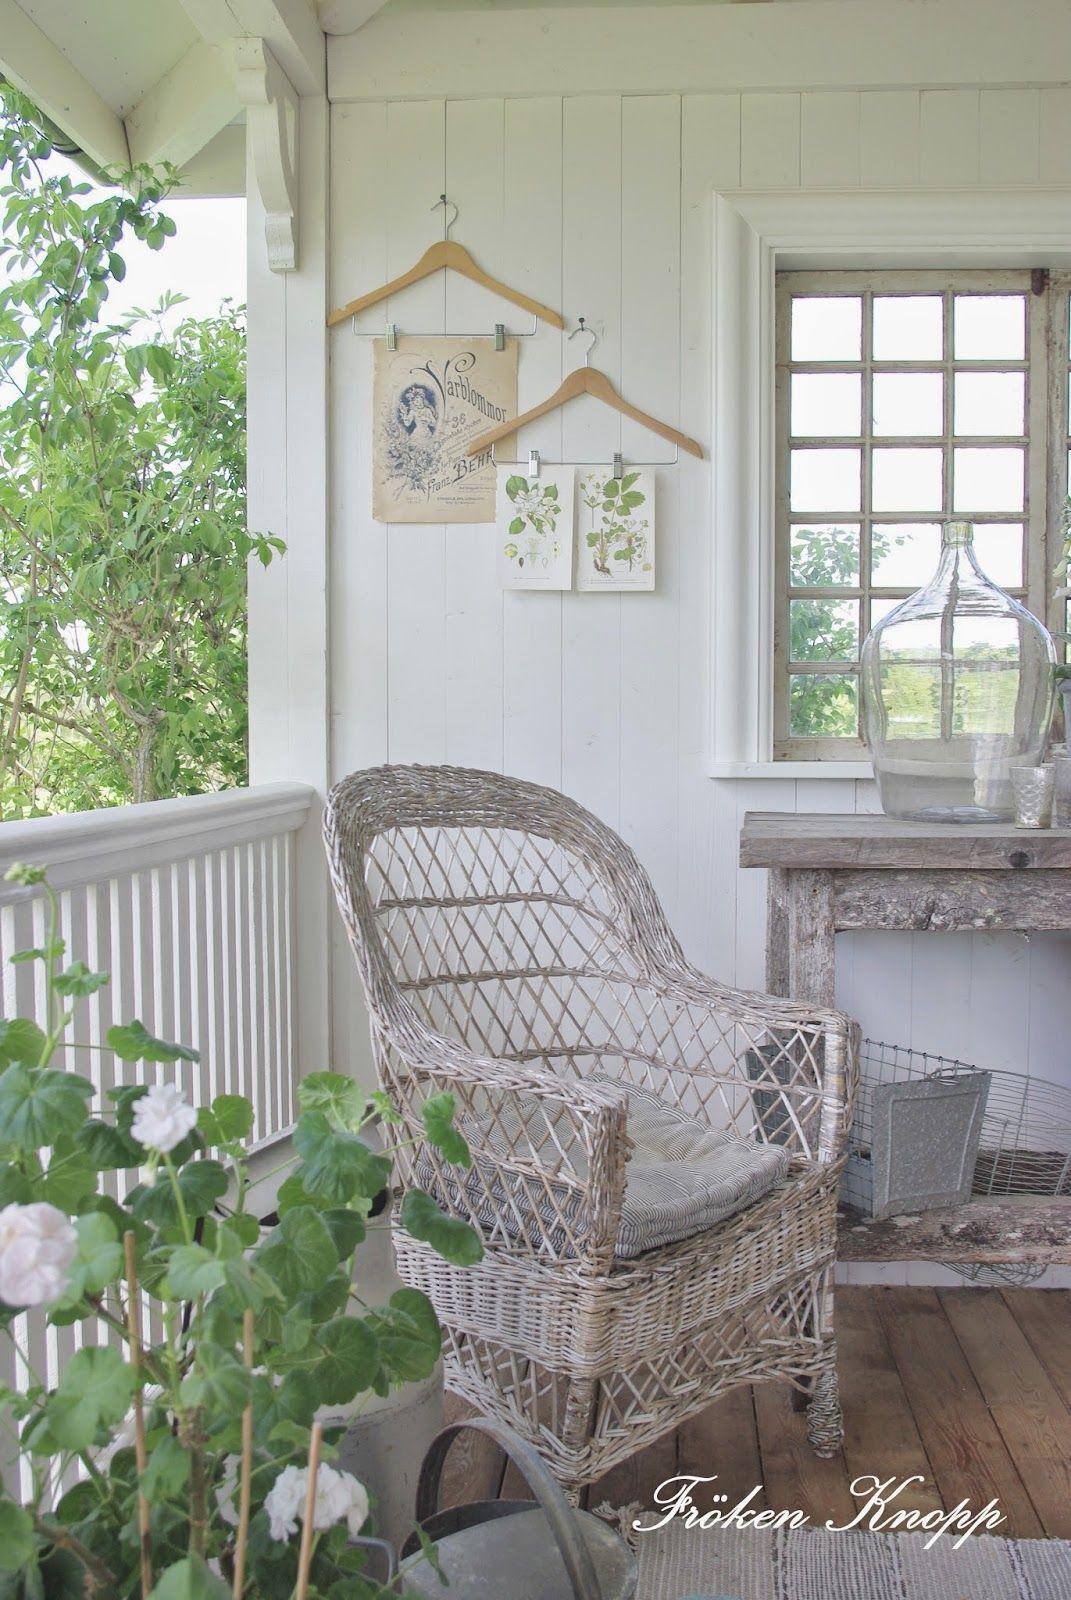 Love White Wicker Furniture Porch With